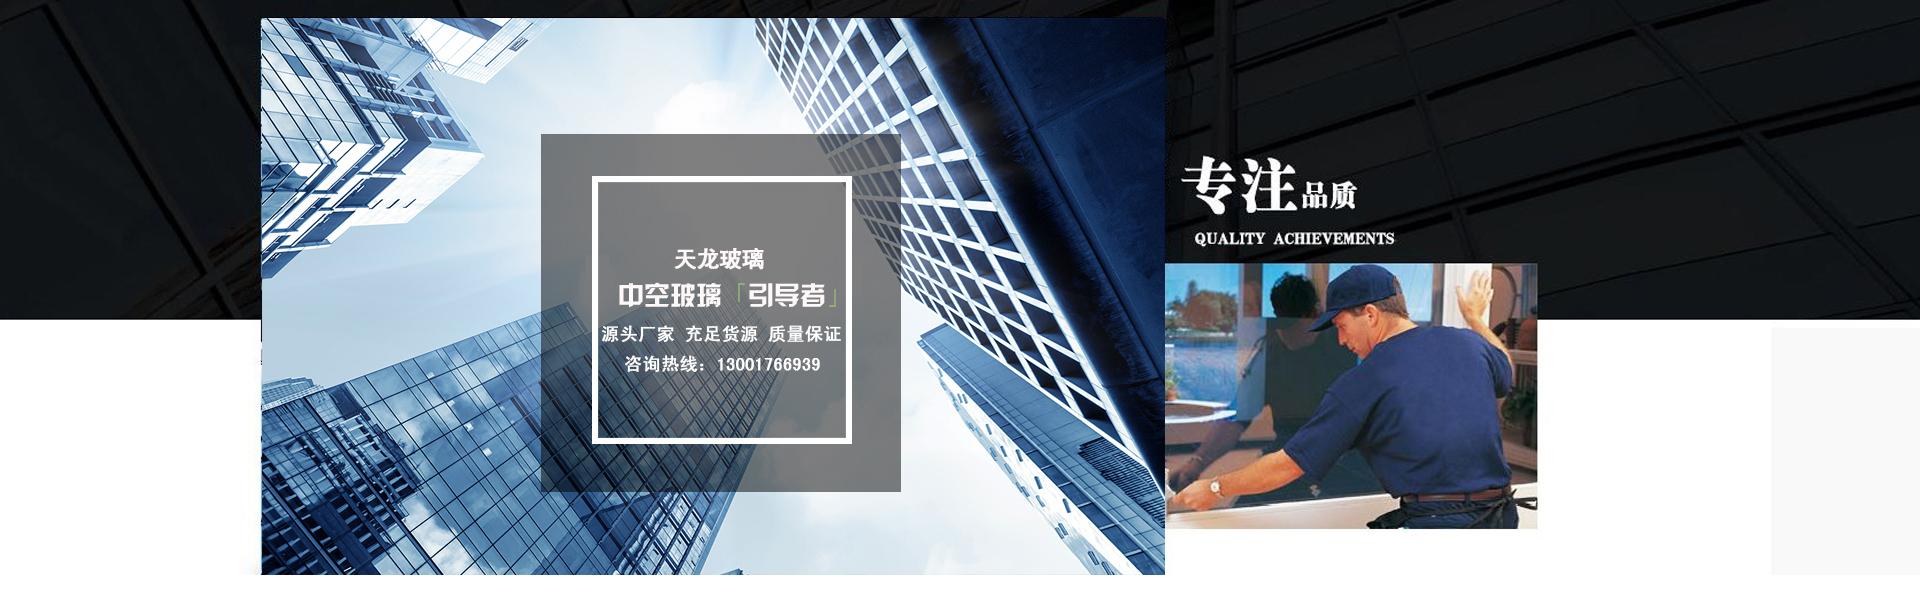 新葡京xpj5娱乐官网